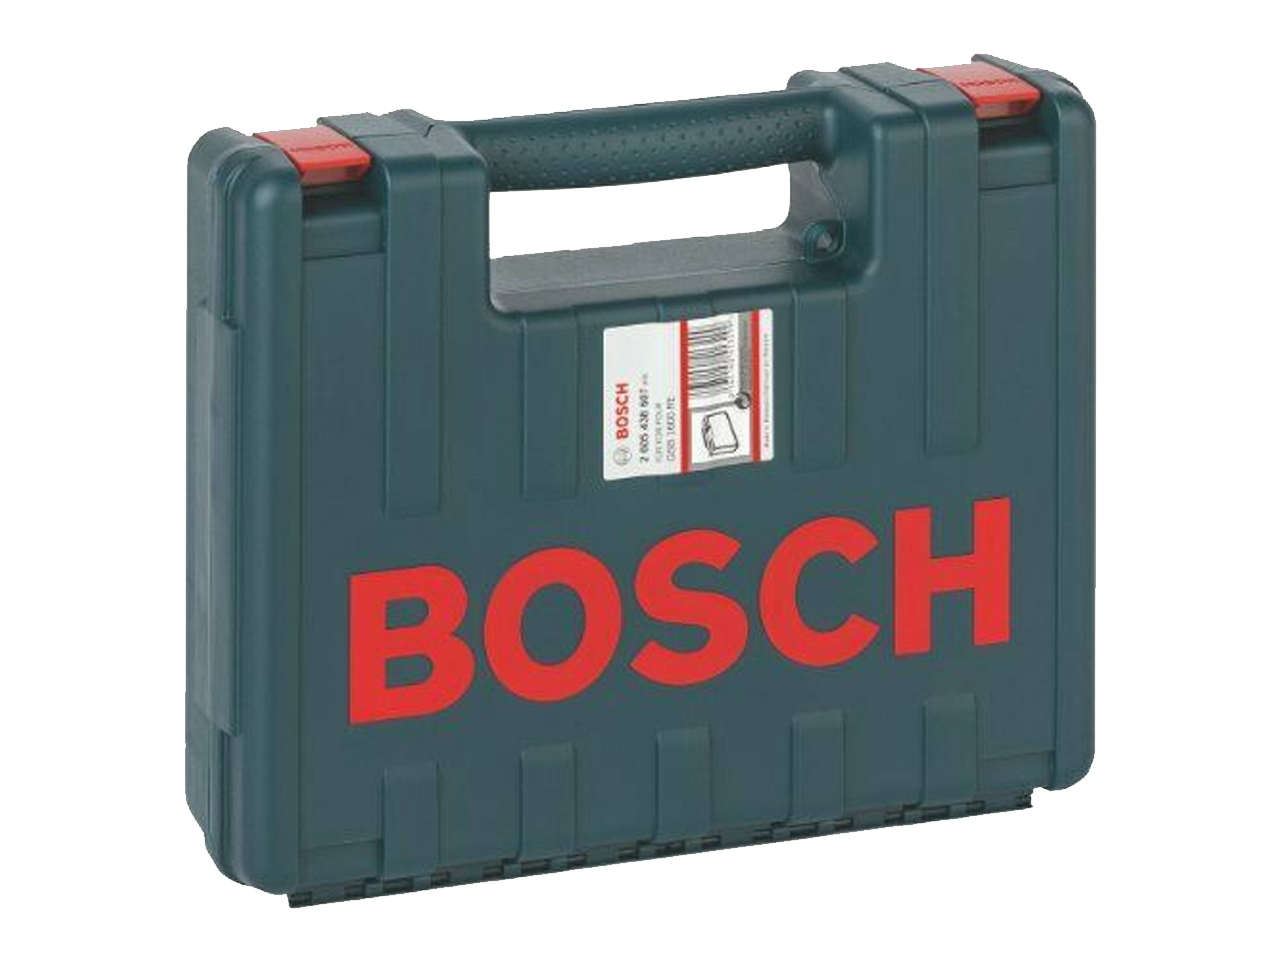 Bosch_2605438607v2.jpg